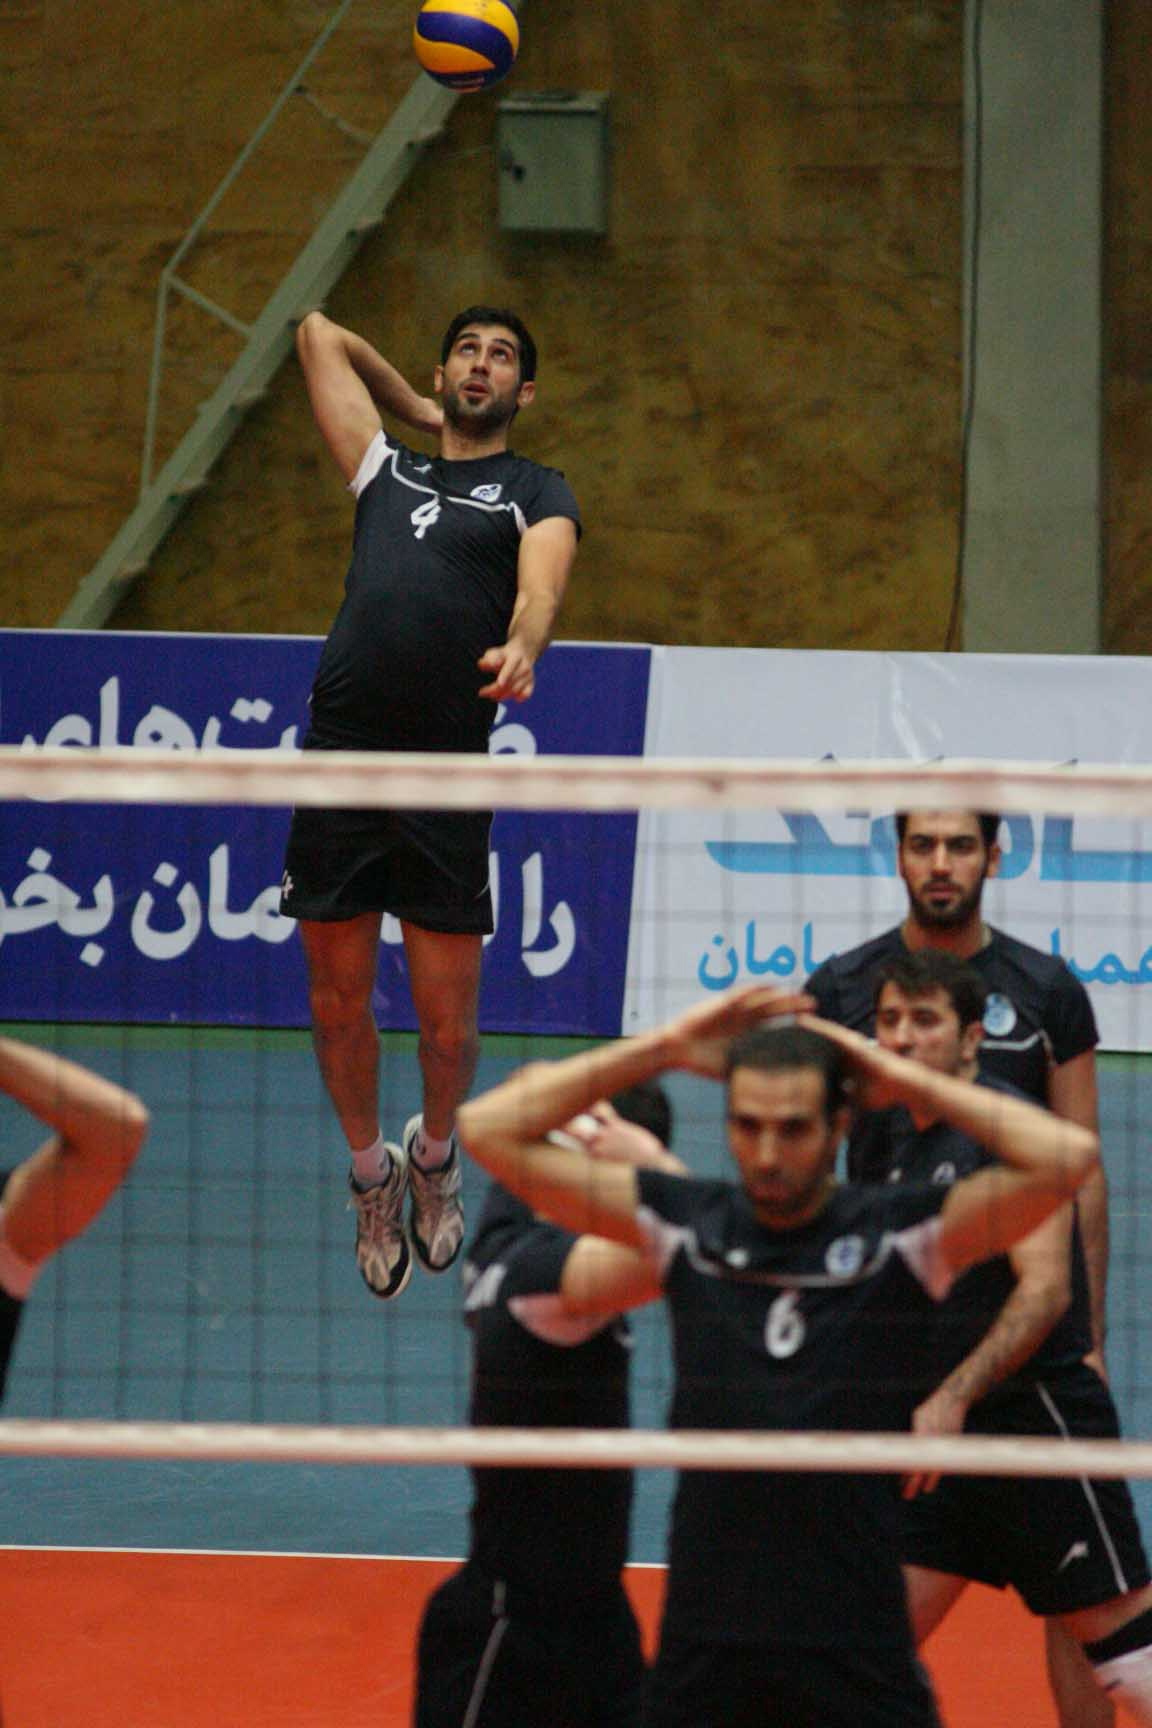 نماهایی از دیدار والیبال پیکان تهران و باریج اسانس کاشان